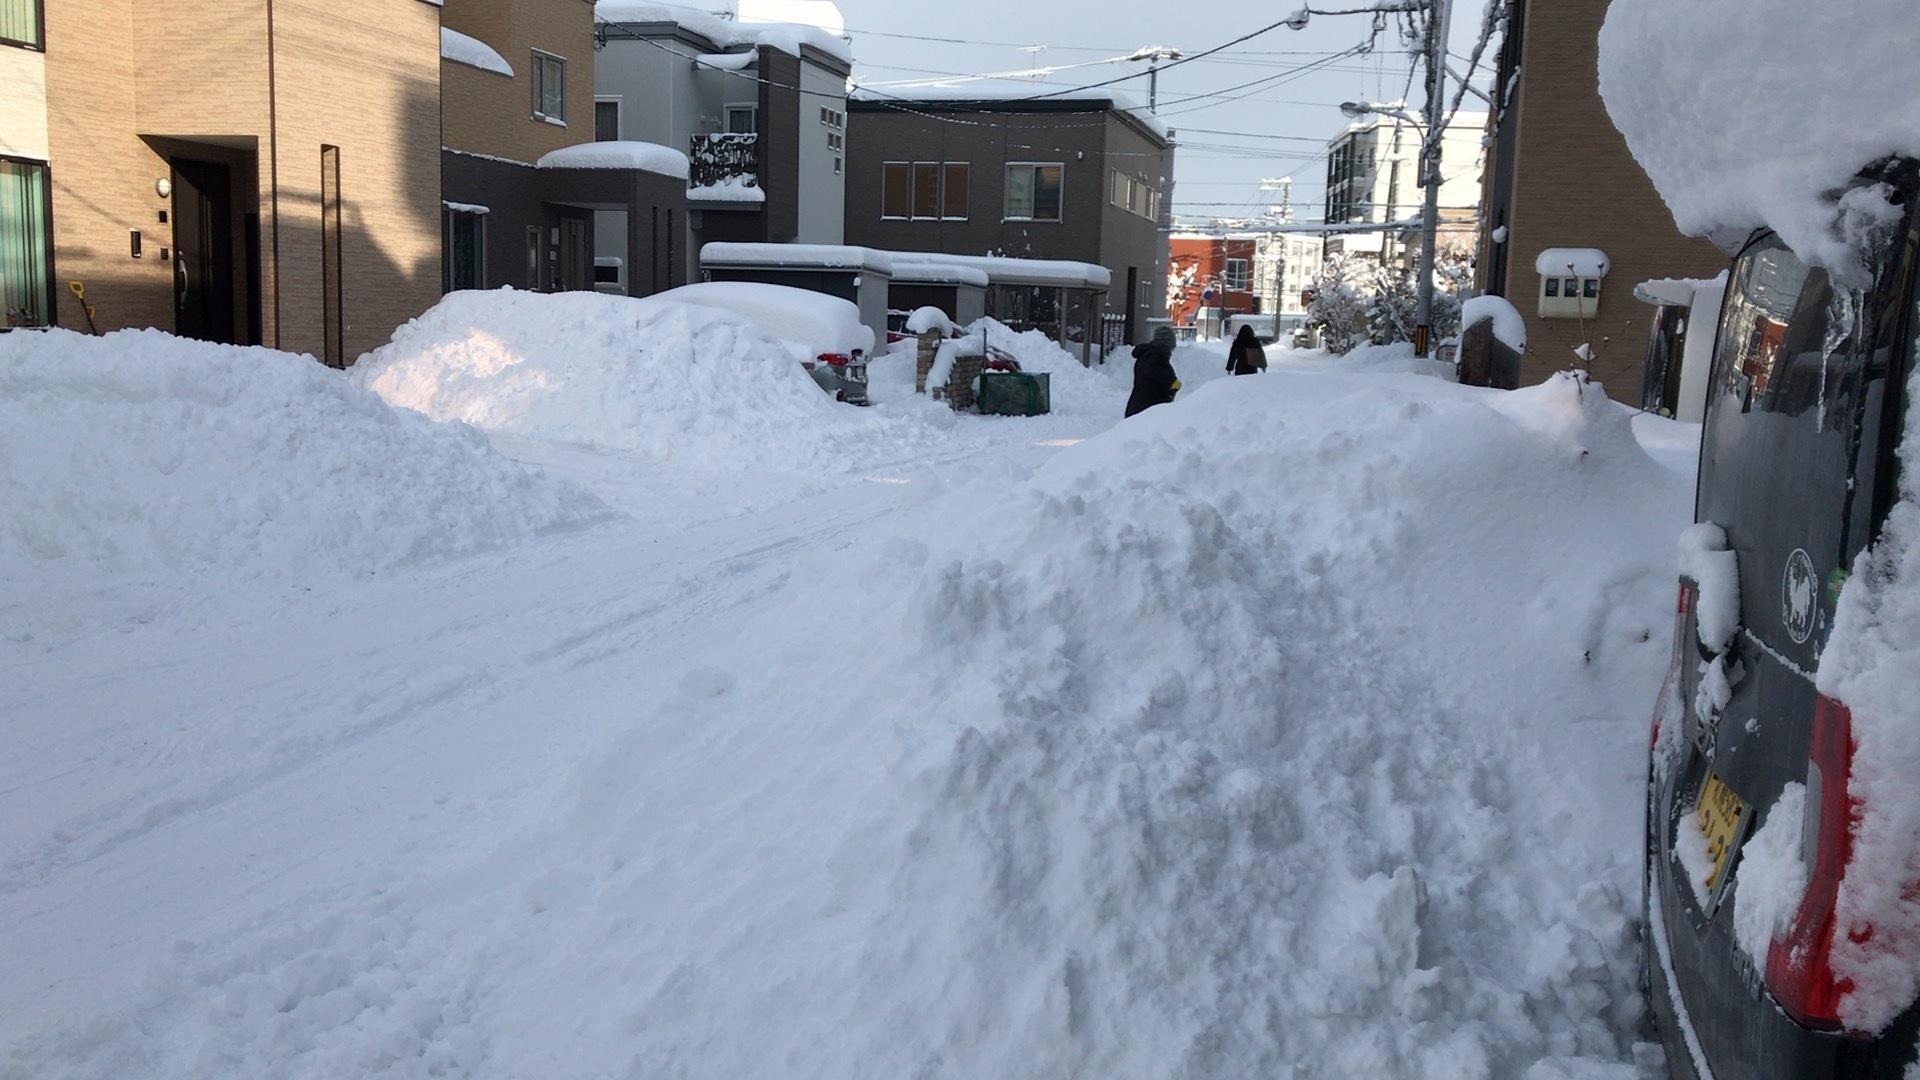 結局大雪!そう都合良くは行かないよね。_c0335145_23121097.jpeg